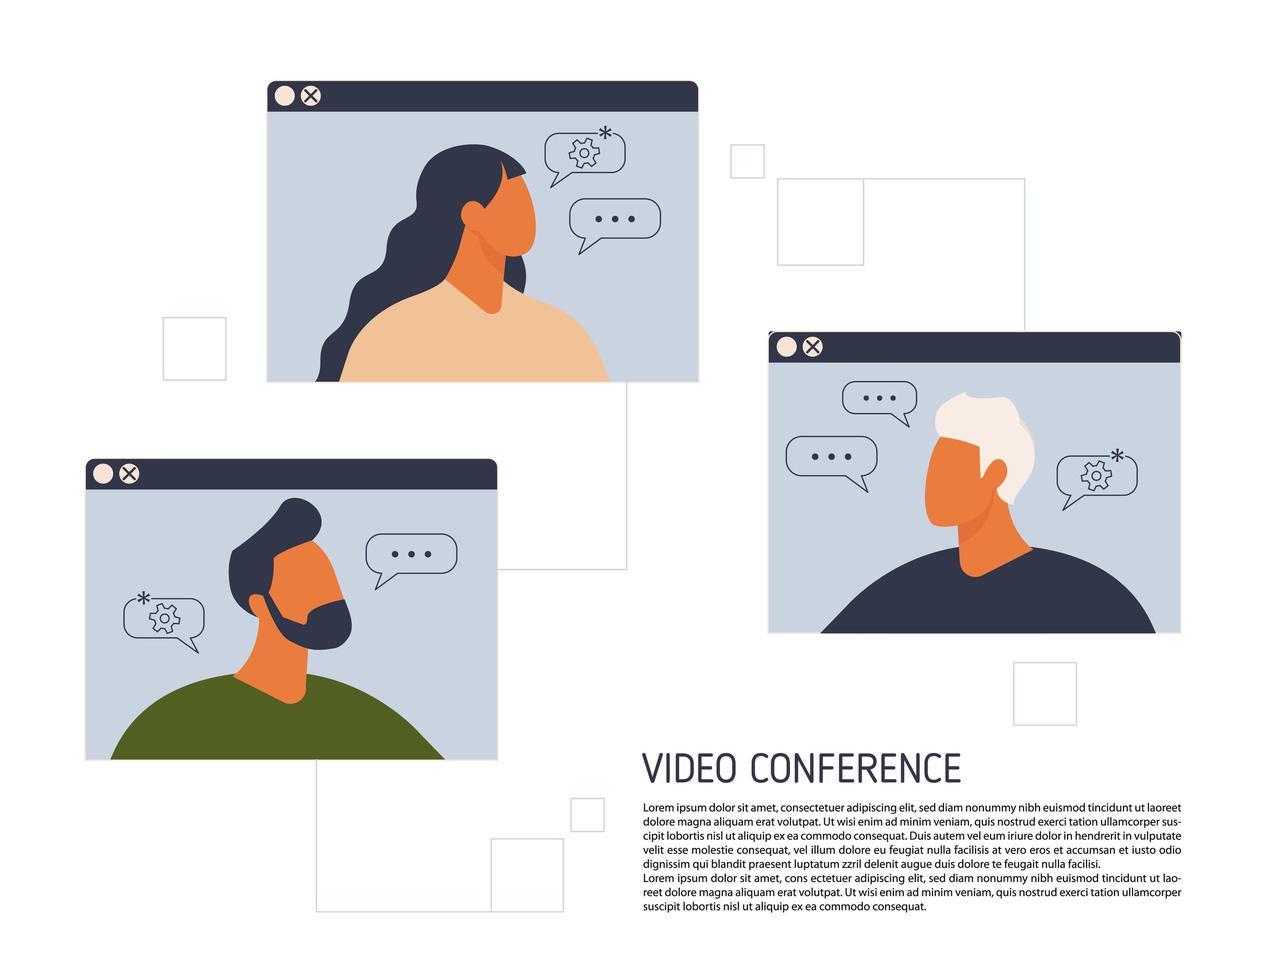 stanna och arbeta hemifrån. videokonferensillustration. arbetsplats, bärbar datorskärm, grupp människor som pratar via internet. ström, webbchatt, online-möte med vänner. koronavirus, karantänisolering. vektor